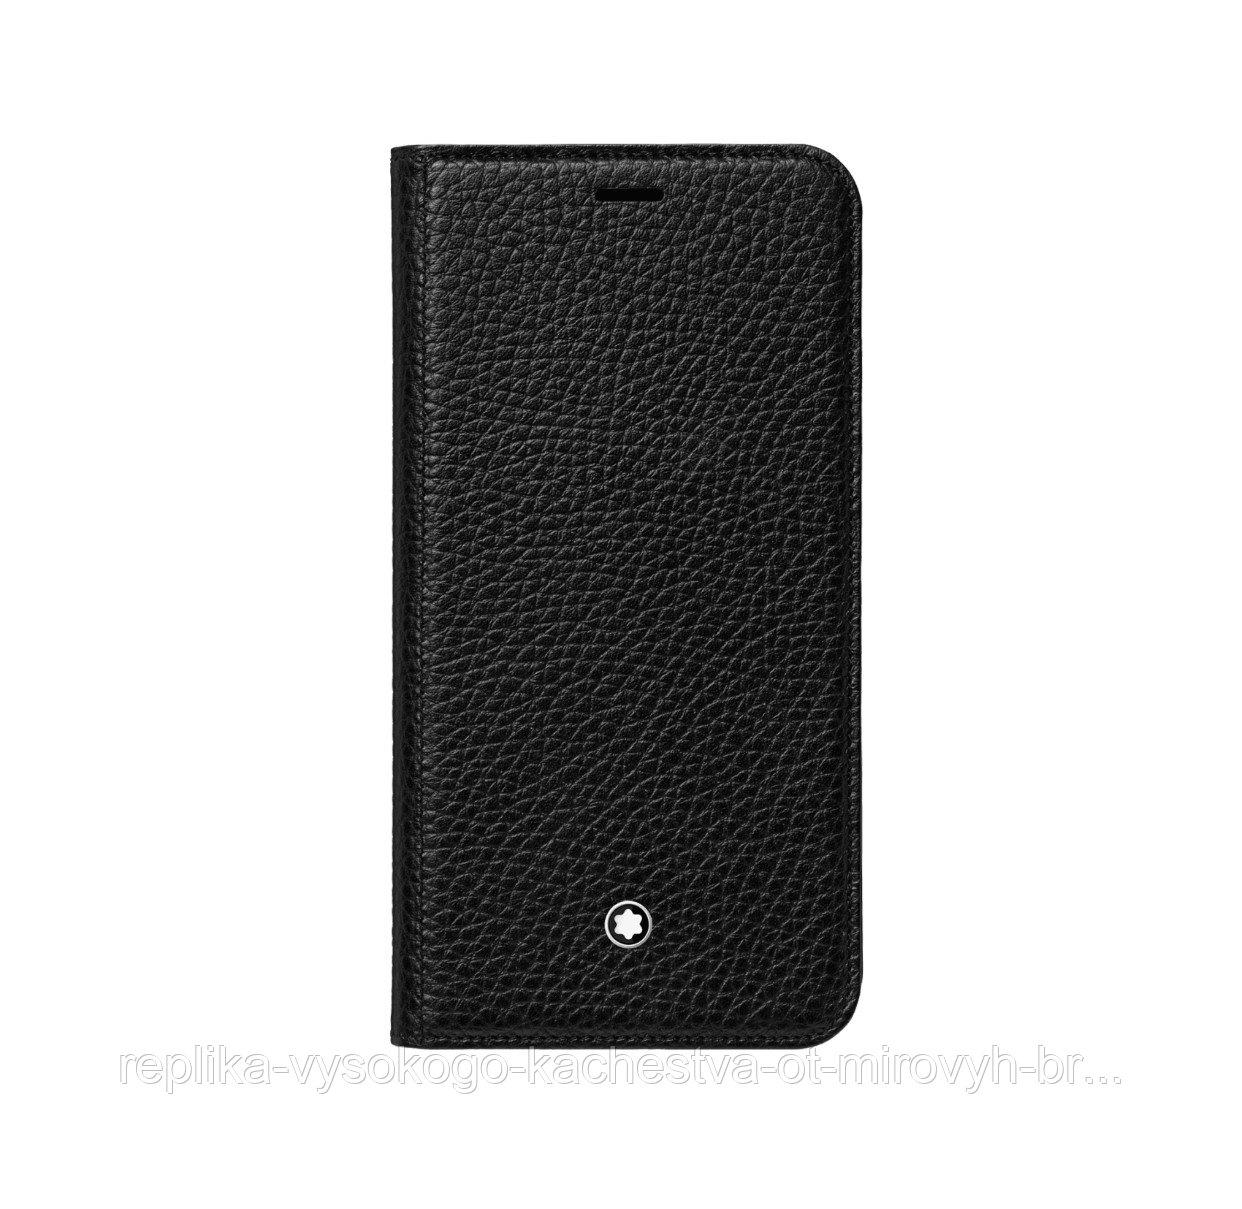 Чехол MontBlanc на IPhone XS